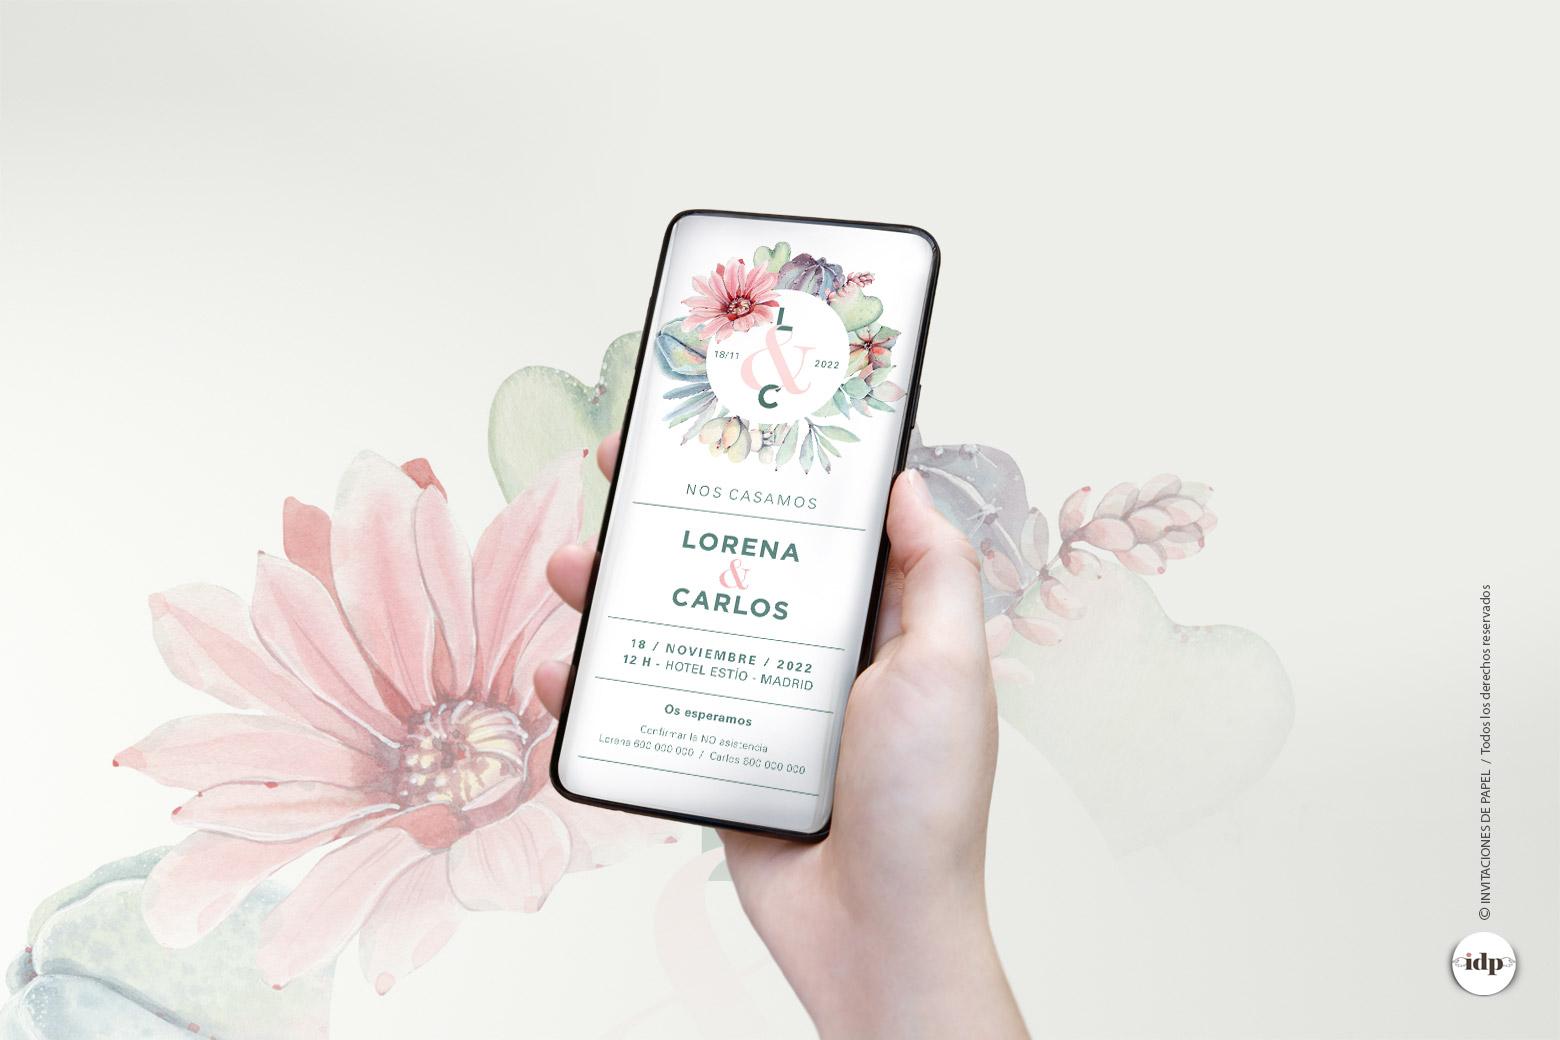 Invitaciones de Boda Digitales con Flores y cactus - corona